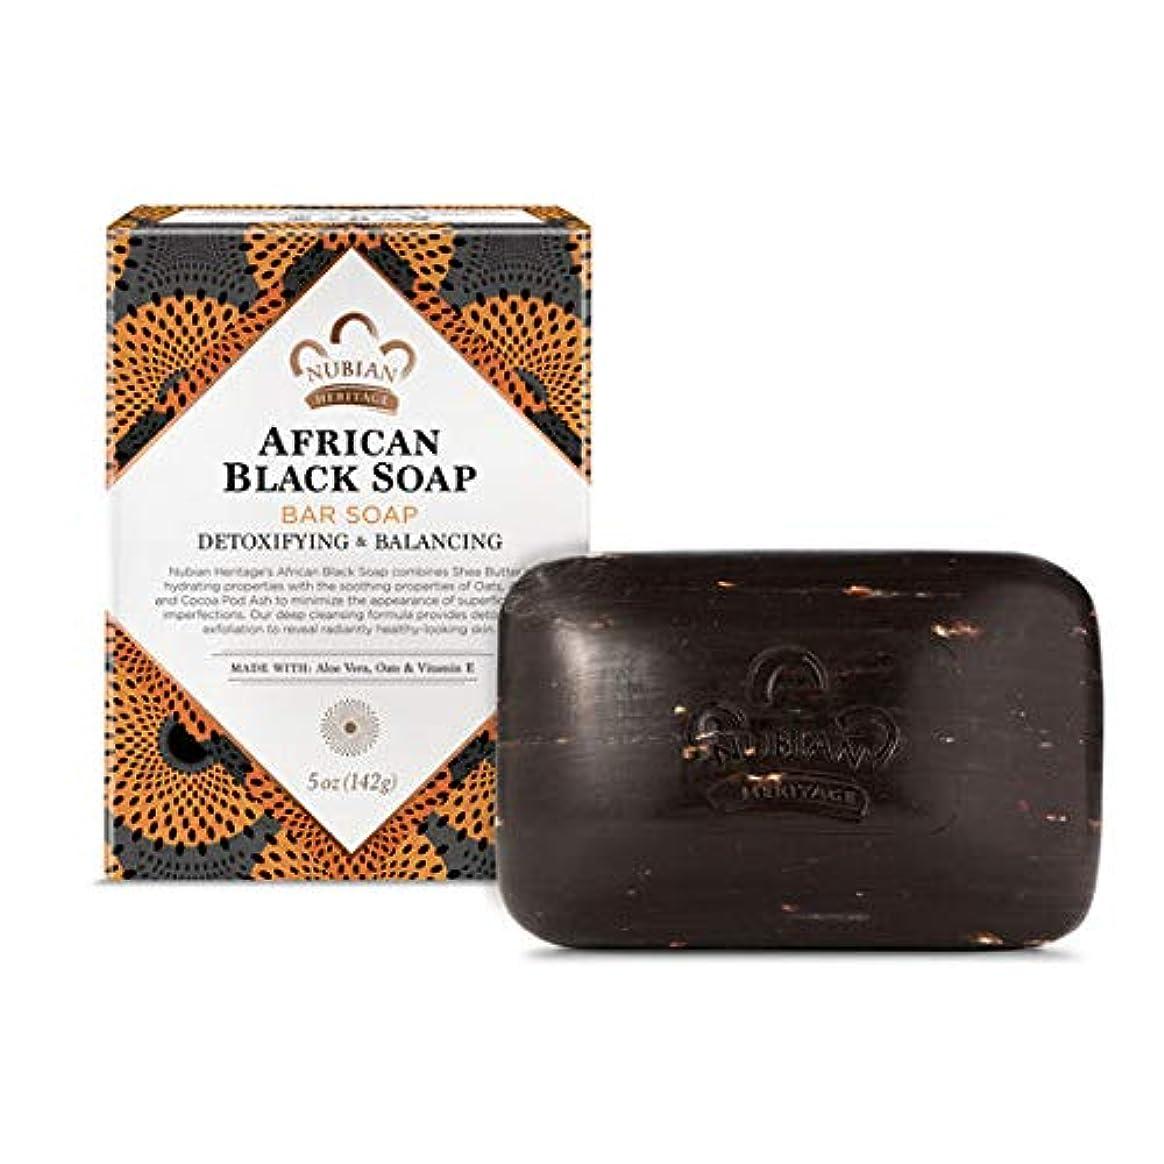 ハンドブックデマンドピラミッドヌビアン ヘリテージ アフリカン ブラック ソープ 141g 並行輸入品 [並行輸入品]